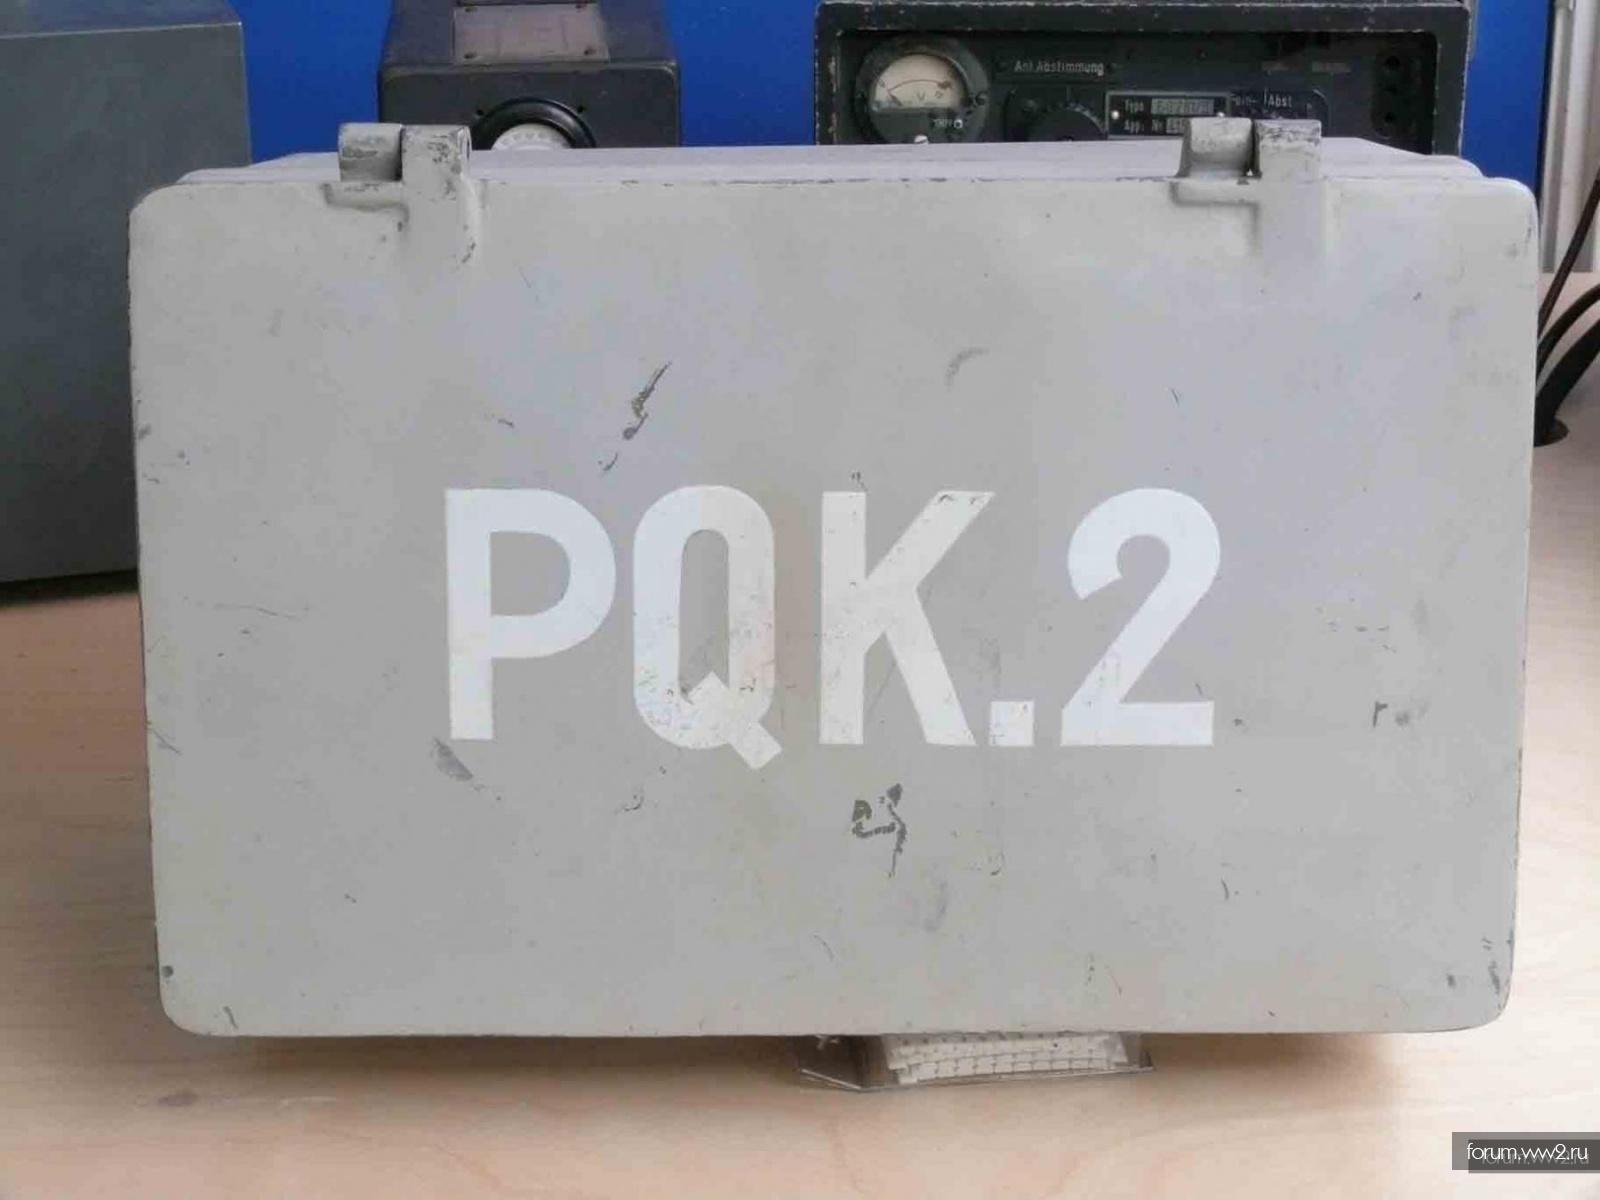 Quarzwellen Prufgerat PQK.2